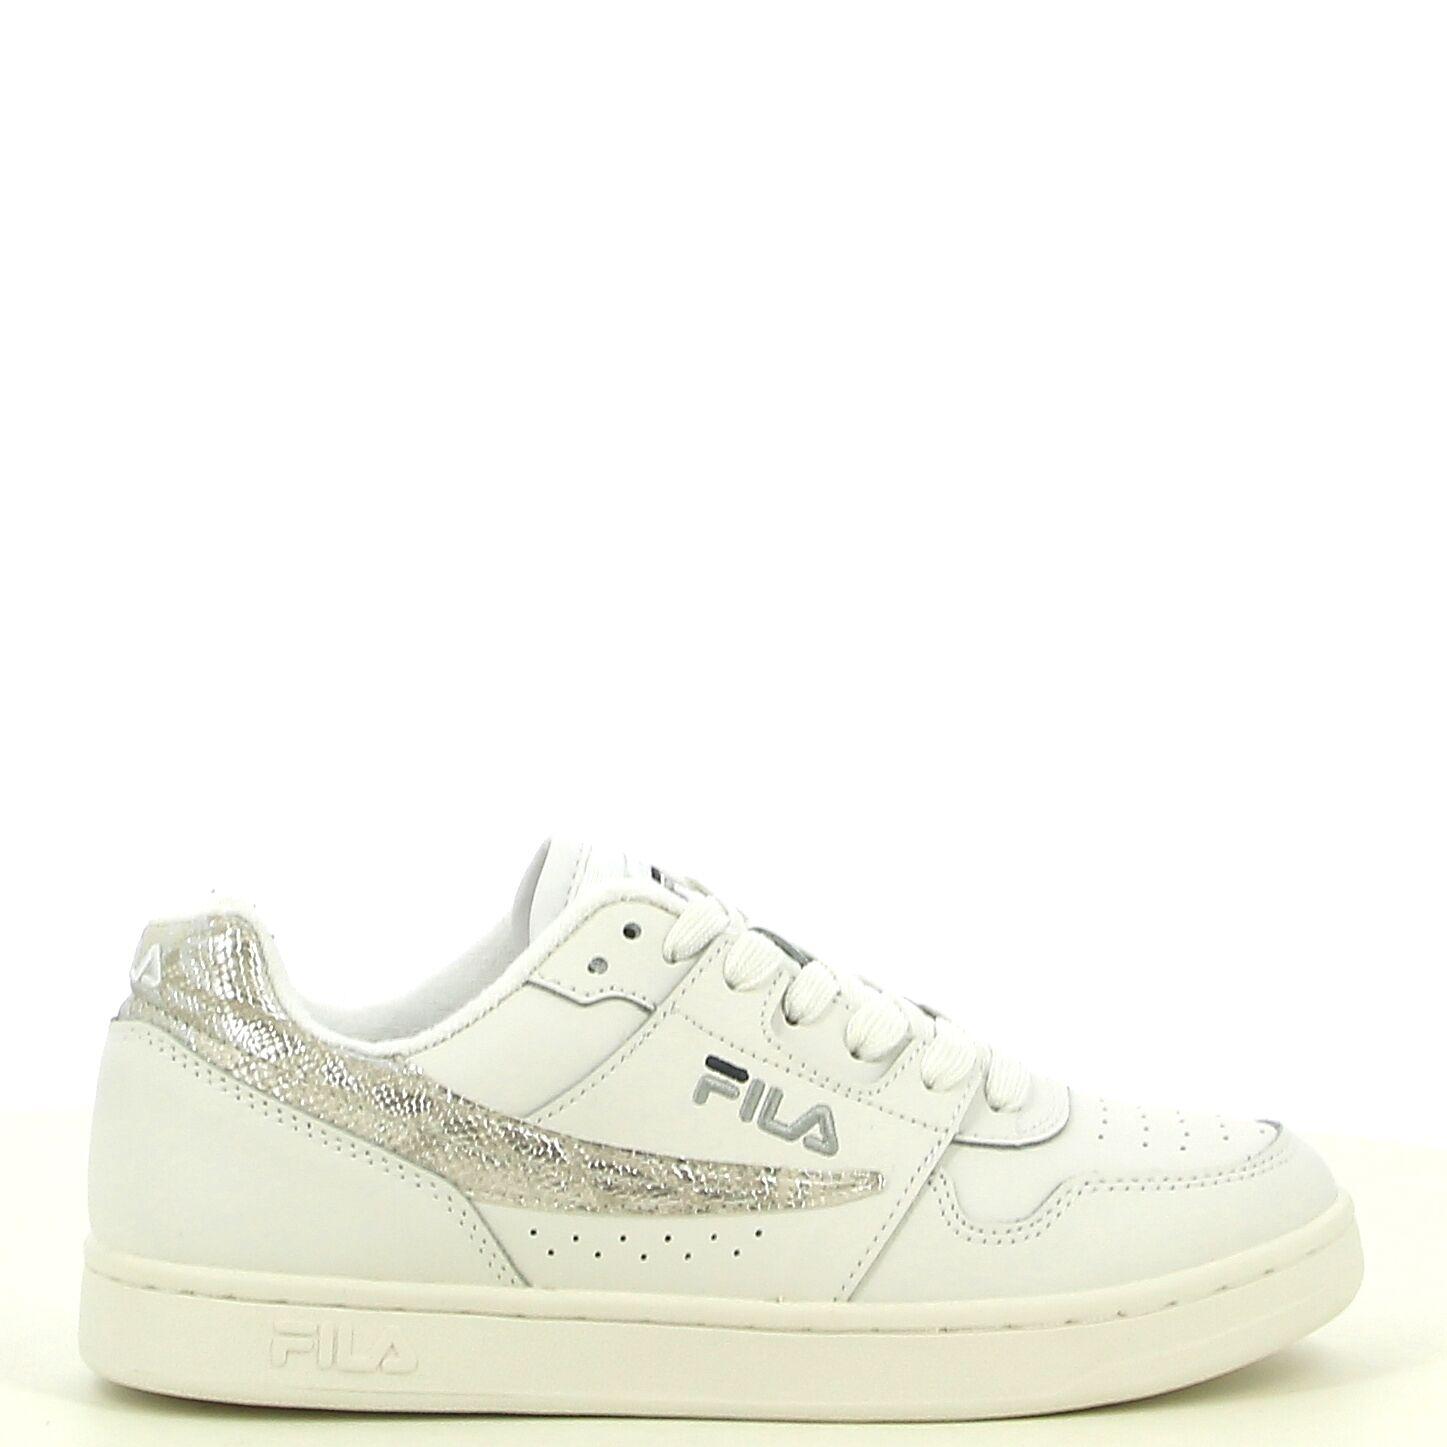 Fila - Wit/Zilver - Sneakers